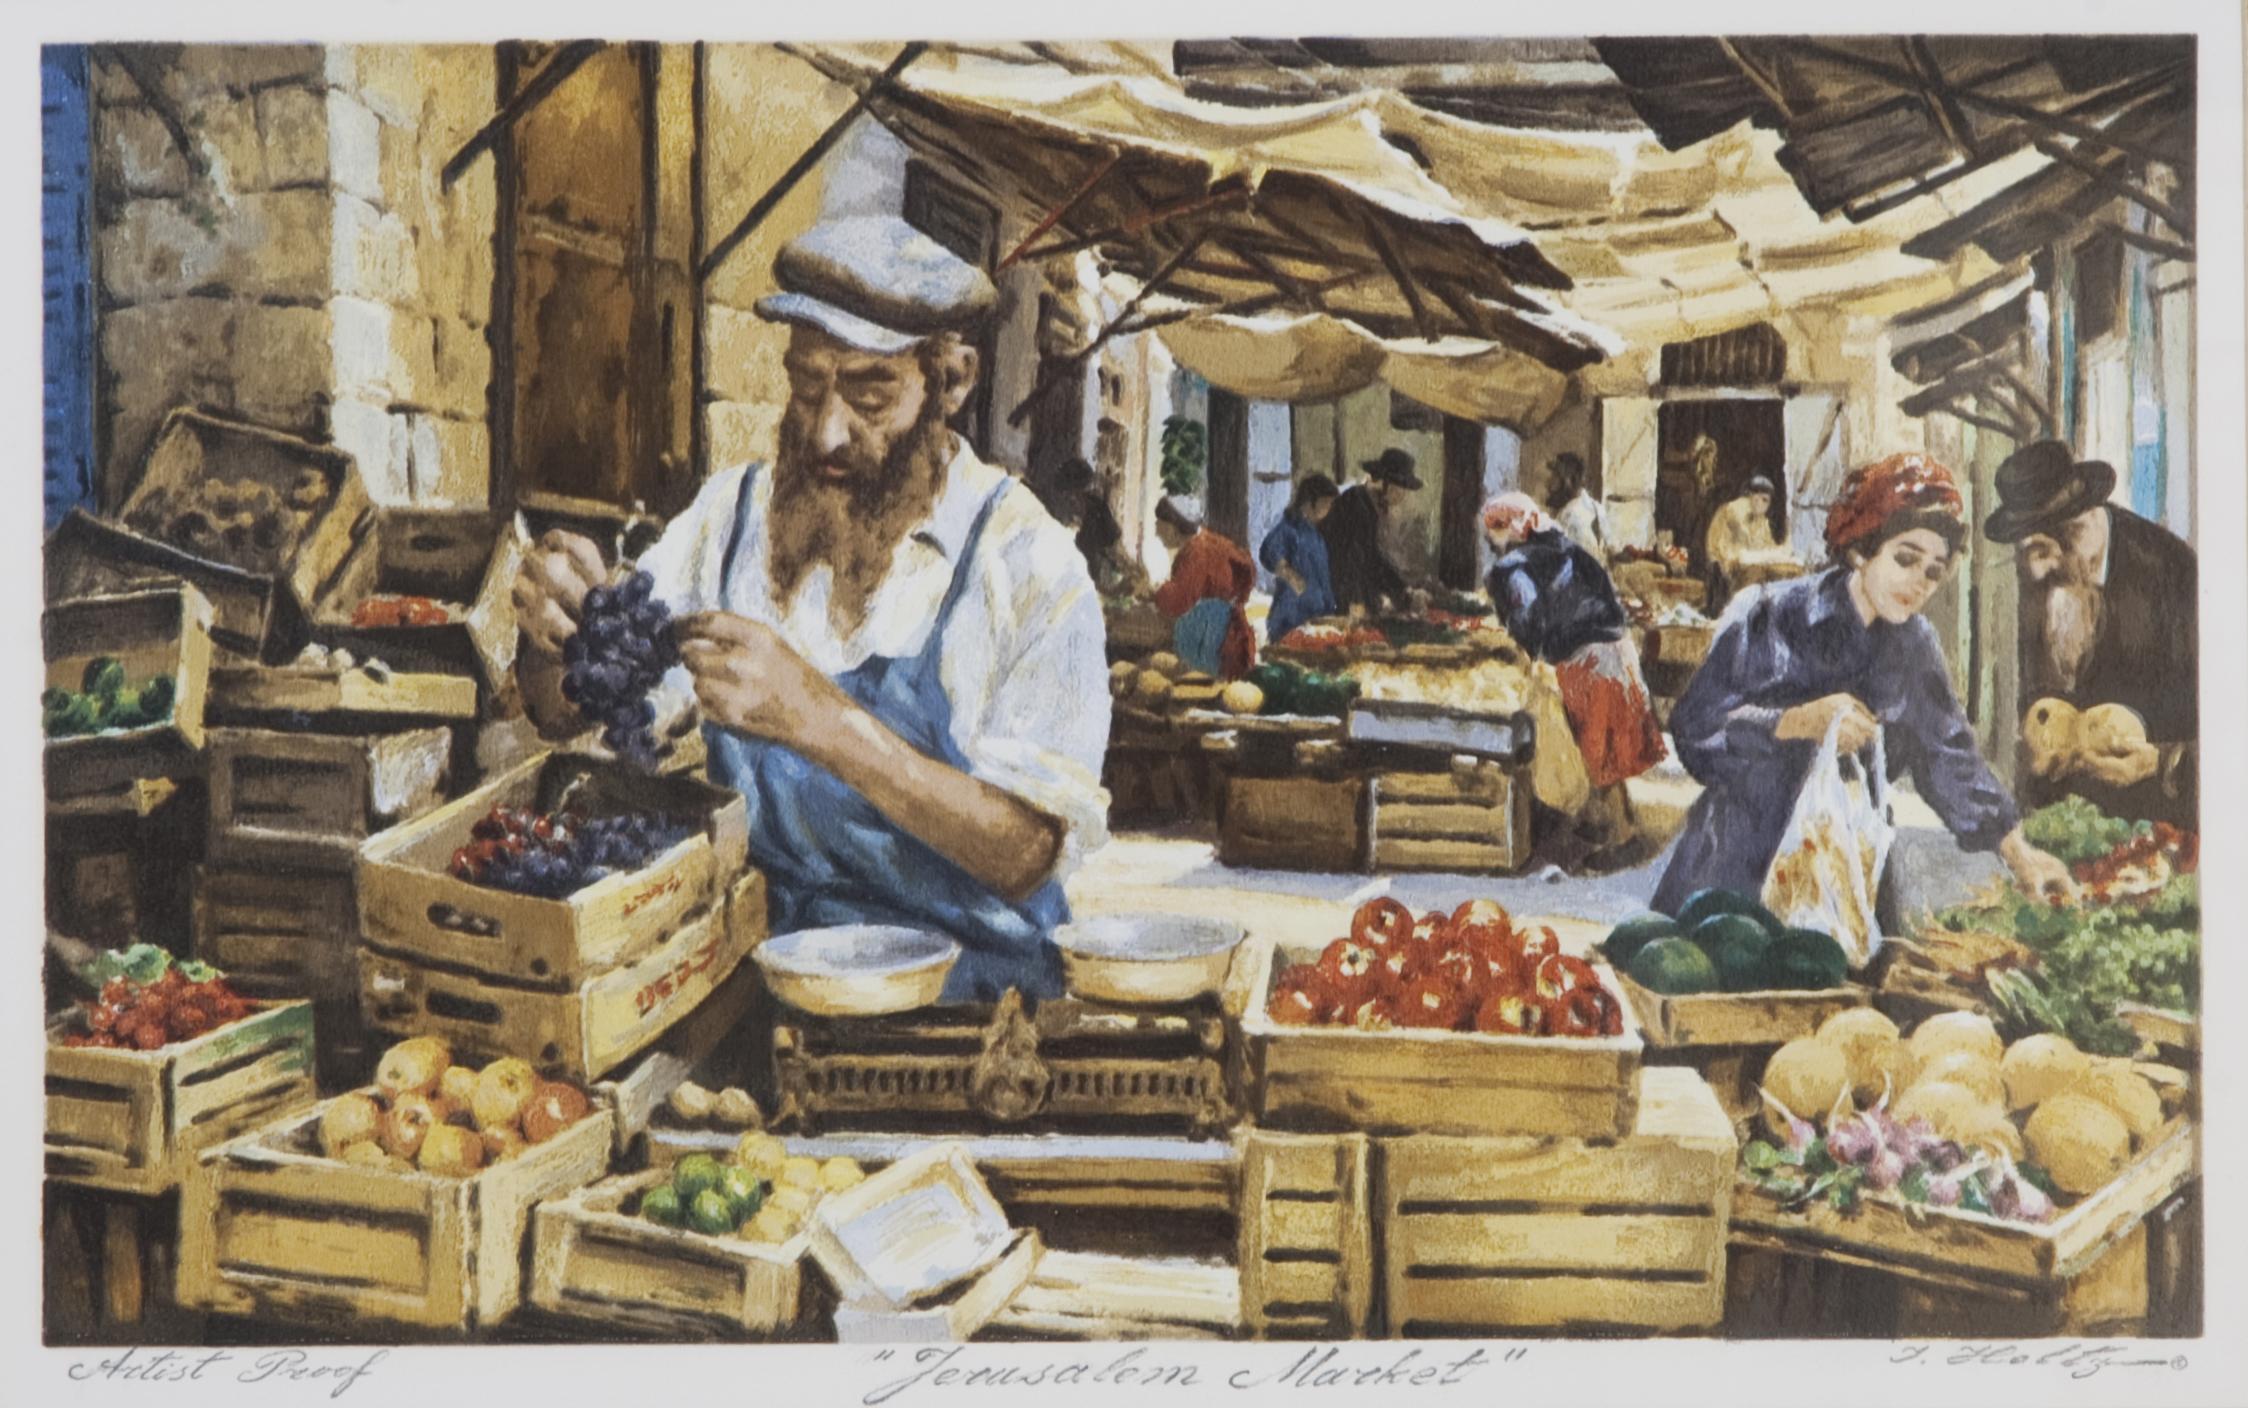 L63 Jerusalem Market - Color - Serigraph - 23.5 x 15.5 - No Frame - $530